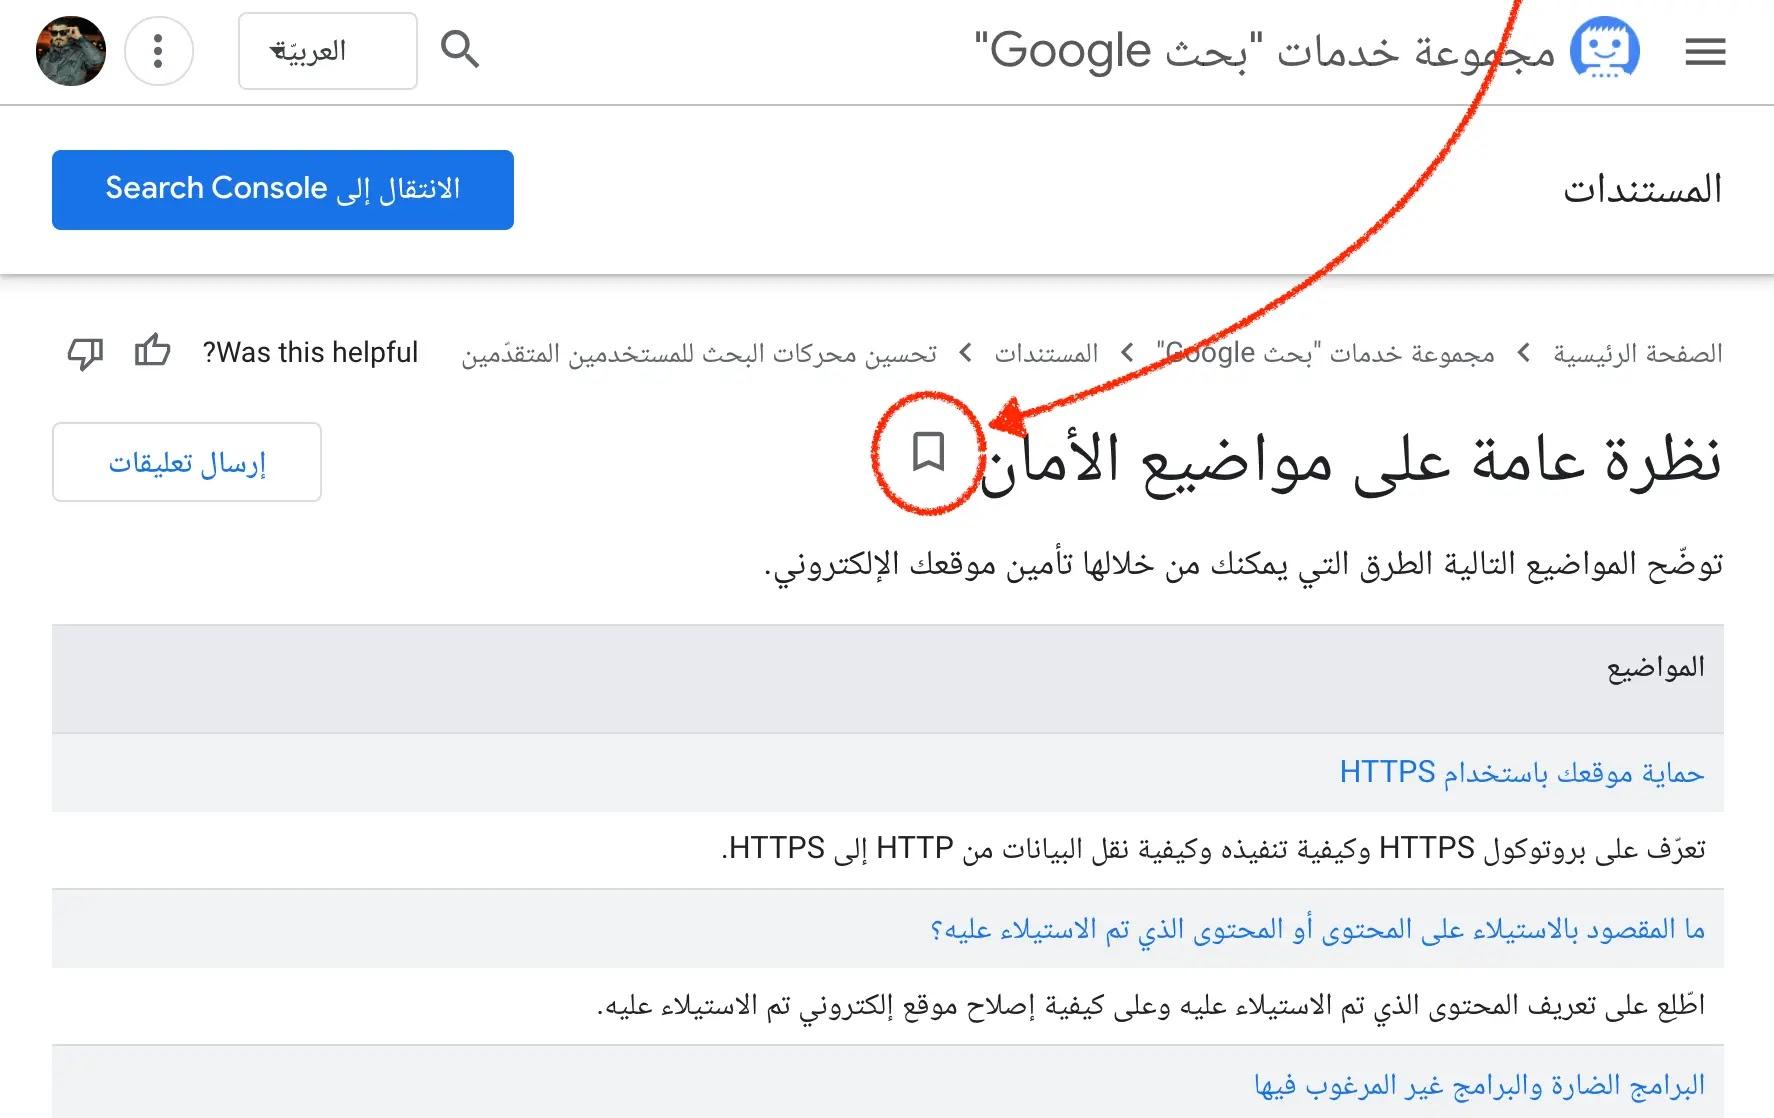 زر حفظ الصّفحة في مطوّري Google